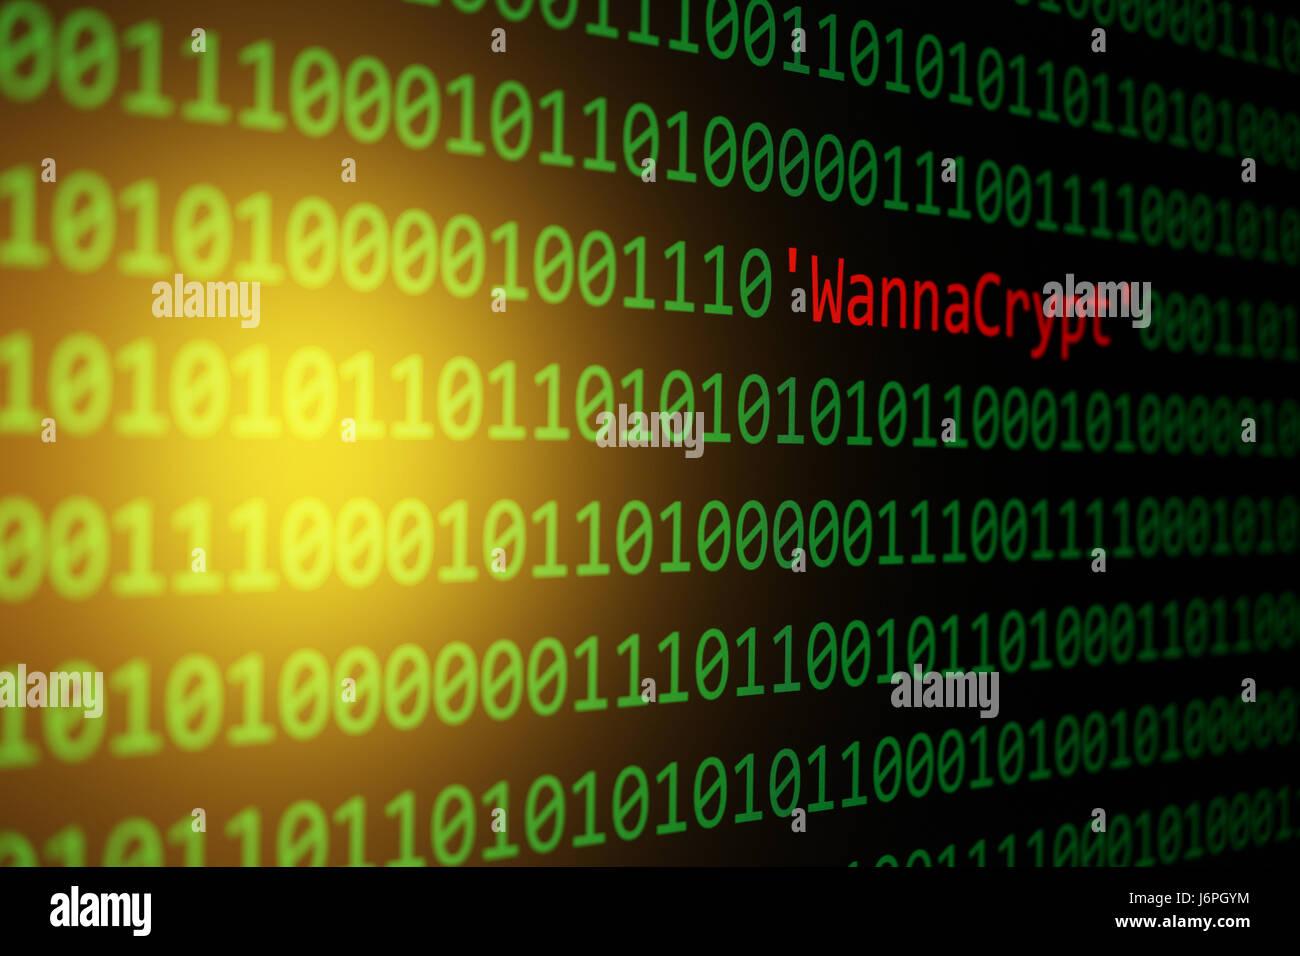 Das WannaCrypt und Binär-Code, der WannaCry und RansomWare, Konzept Sicherheit und Malware angreifen. Stockbild